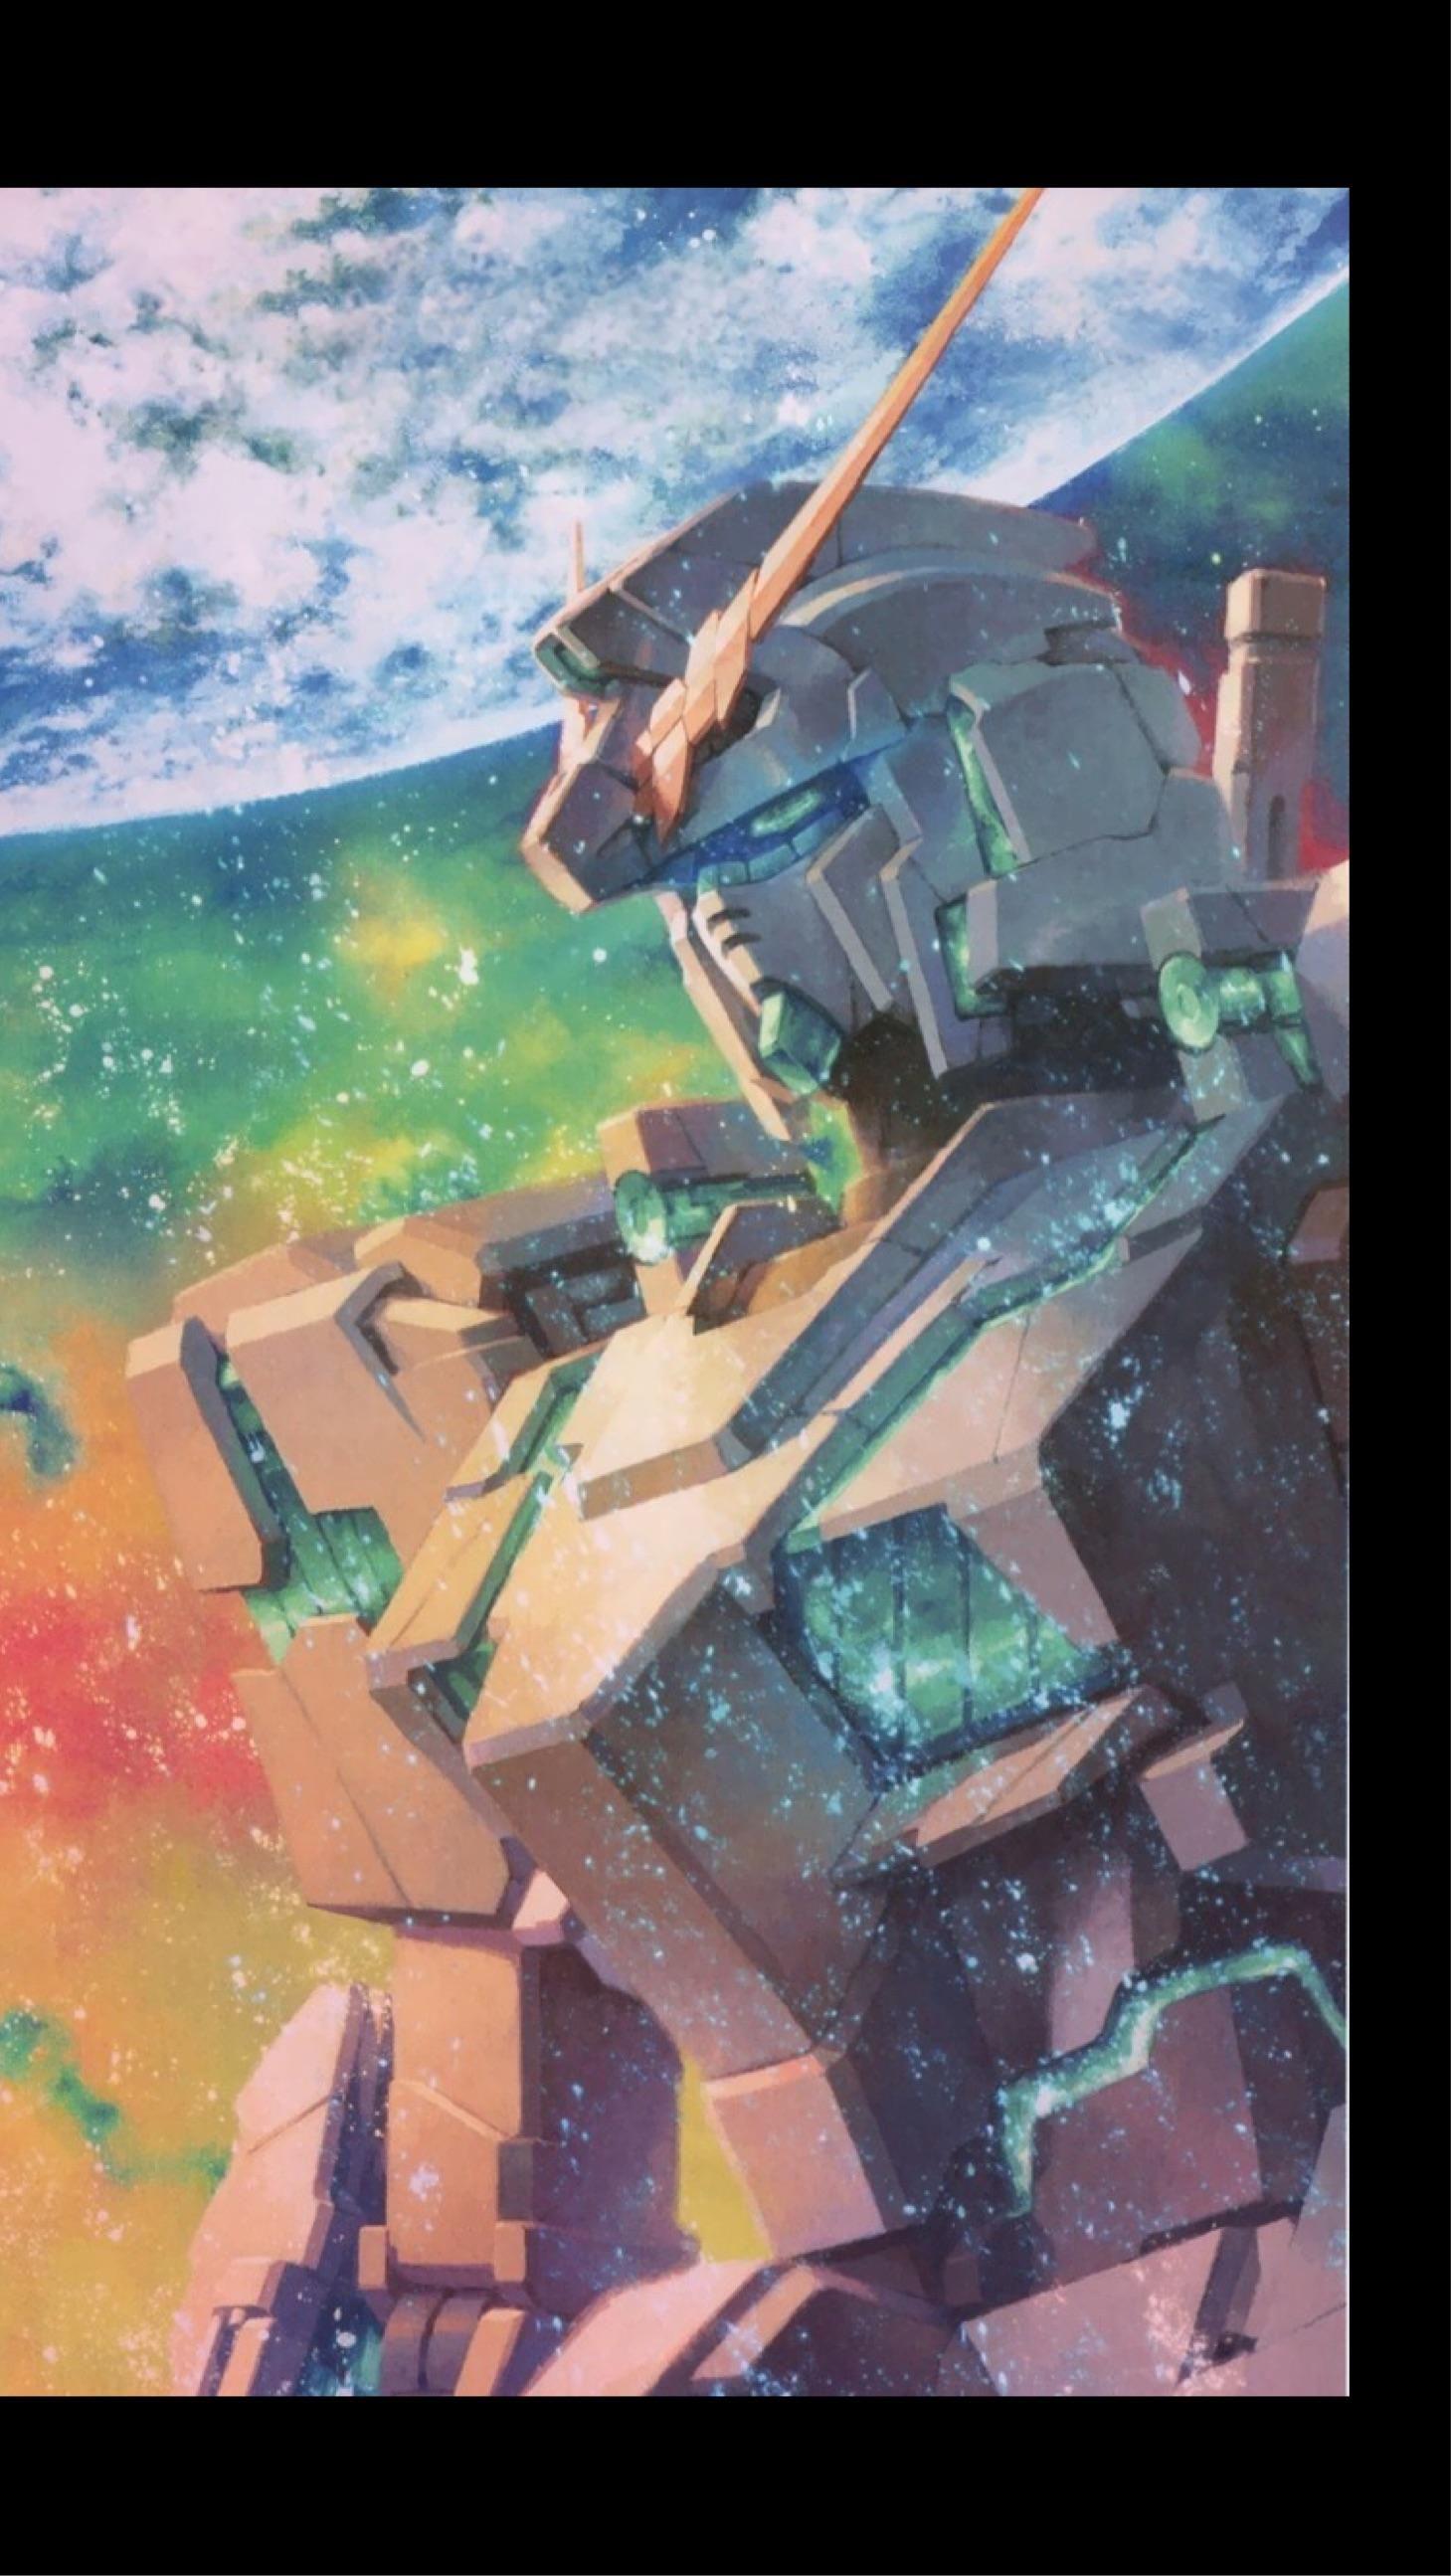 Gundam Unicorn Iphone Wallpapers Iphonewallpaper4k Iphonewallpaperfall Iphonewallpaperhdoriginal Iphonewallpaper Gundam Wallpapers Gundam Unicorn Gundam